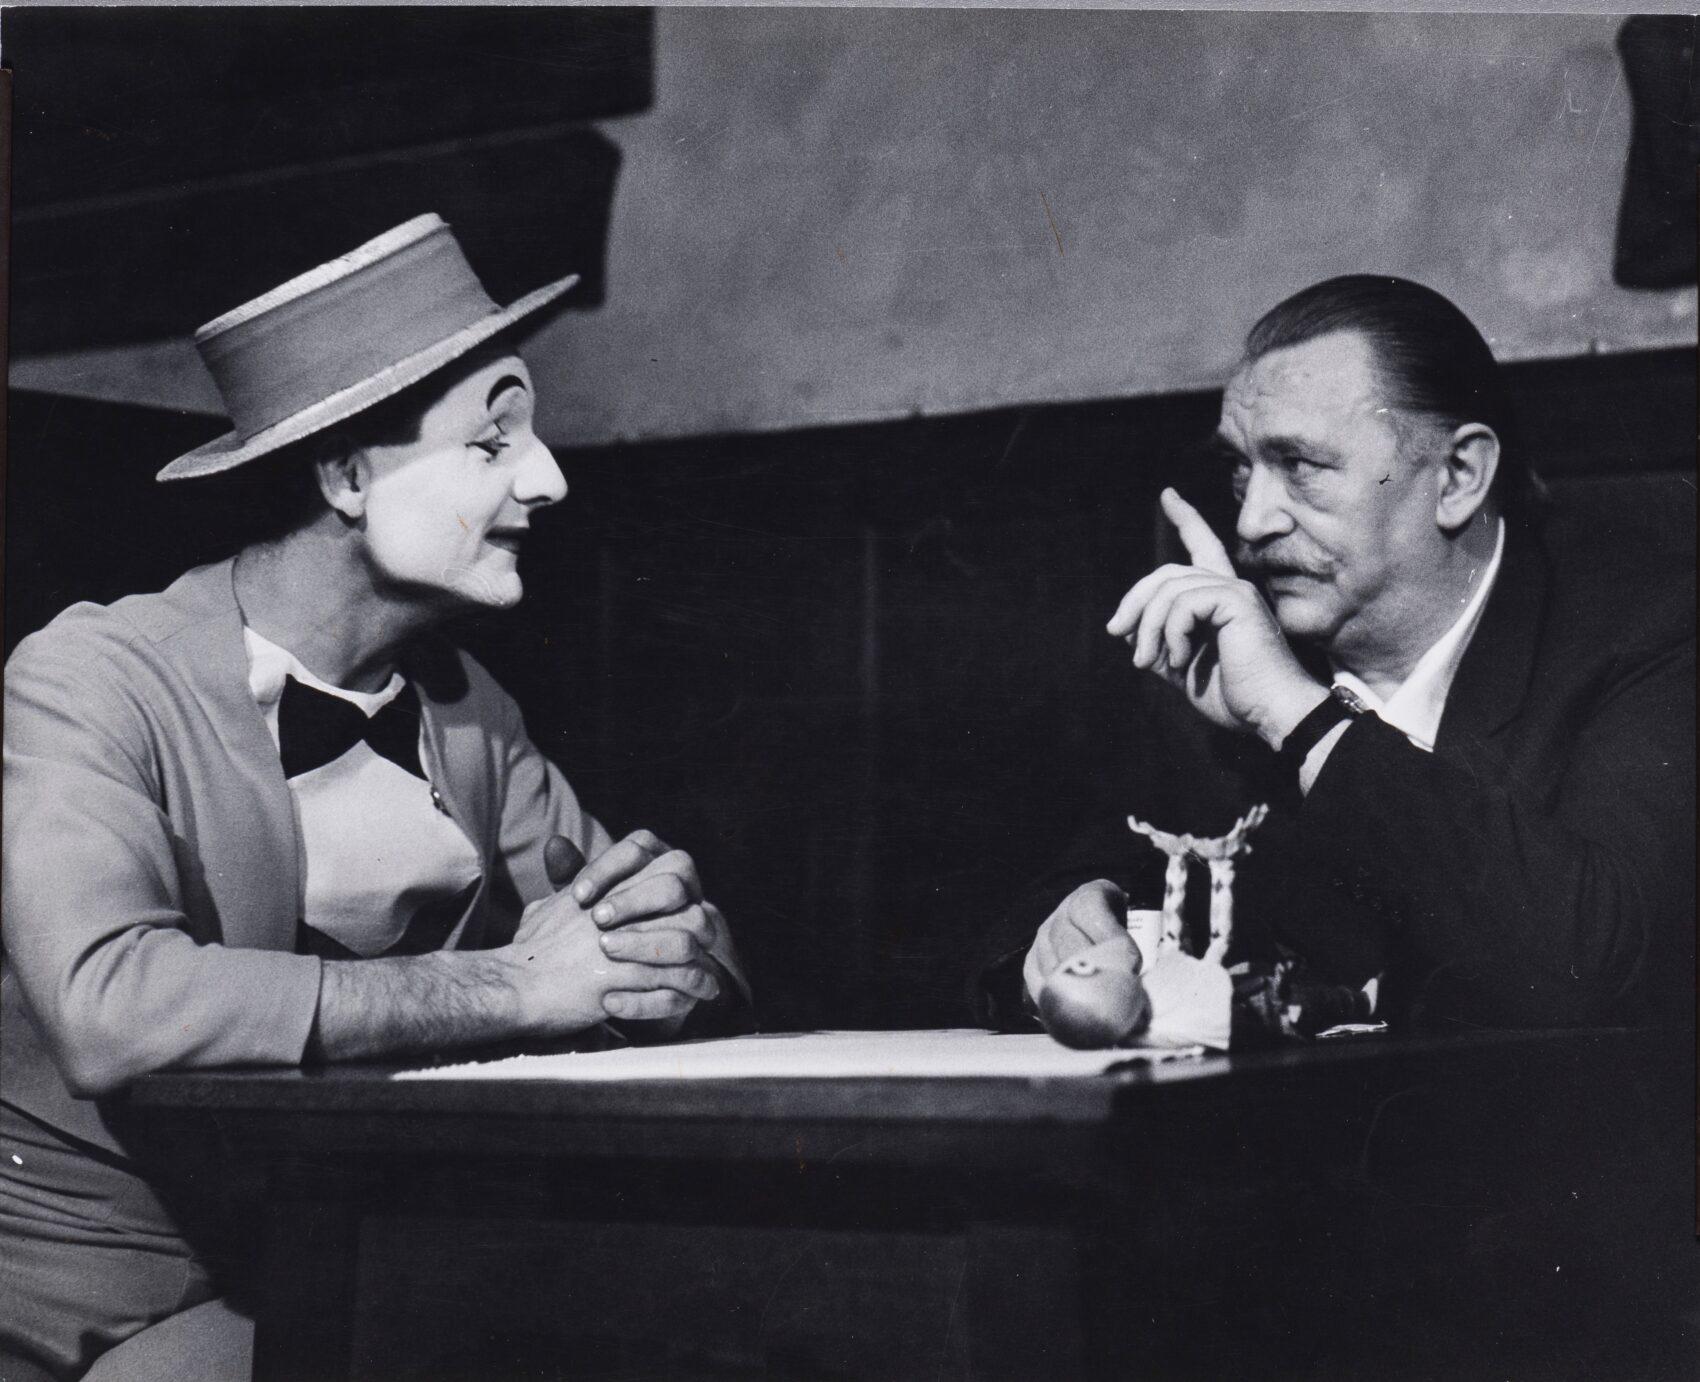 Mim Ladislav Fialka v kostýmu a s typickým bílým líčením naslouchá u stolu Jiřímu Trnkovi. Černobílá fotografie.